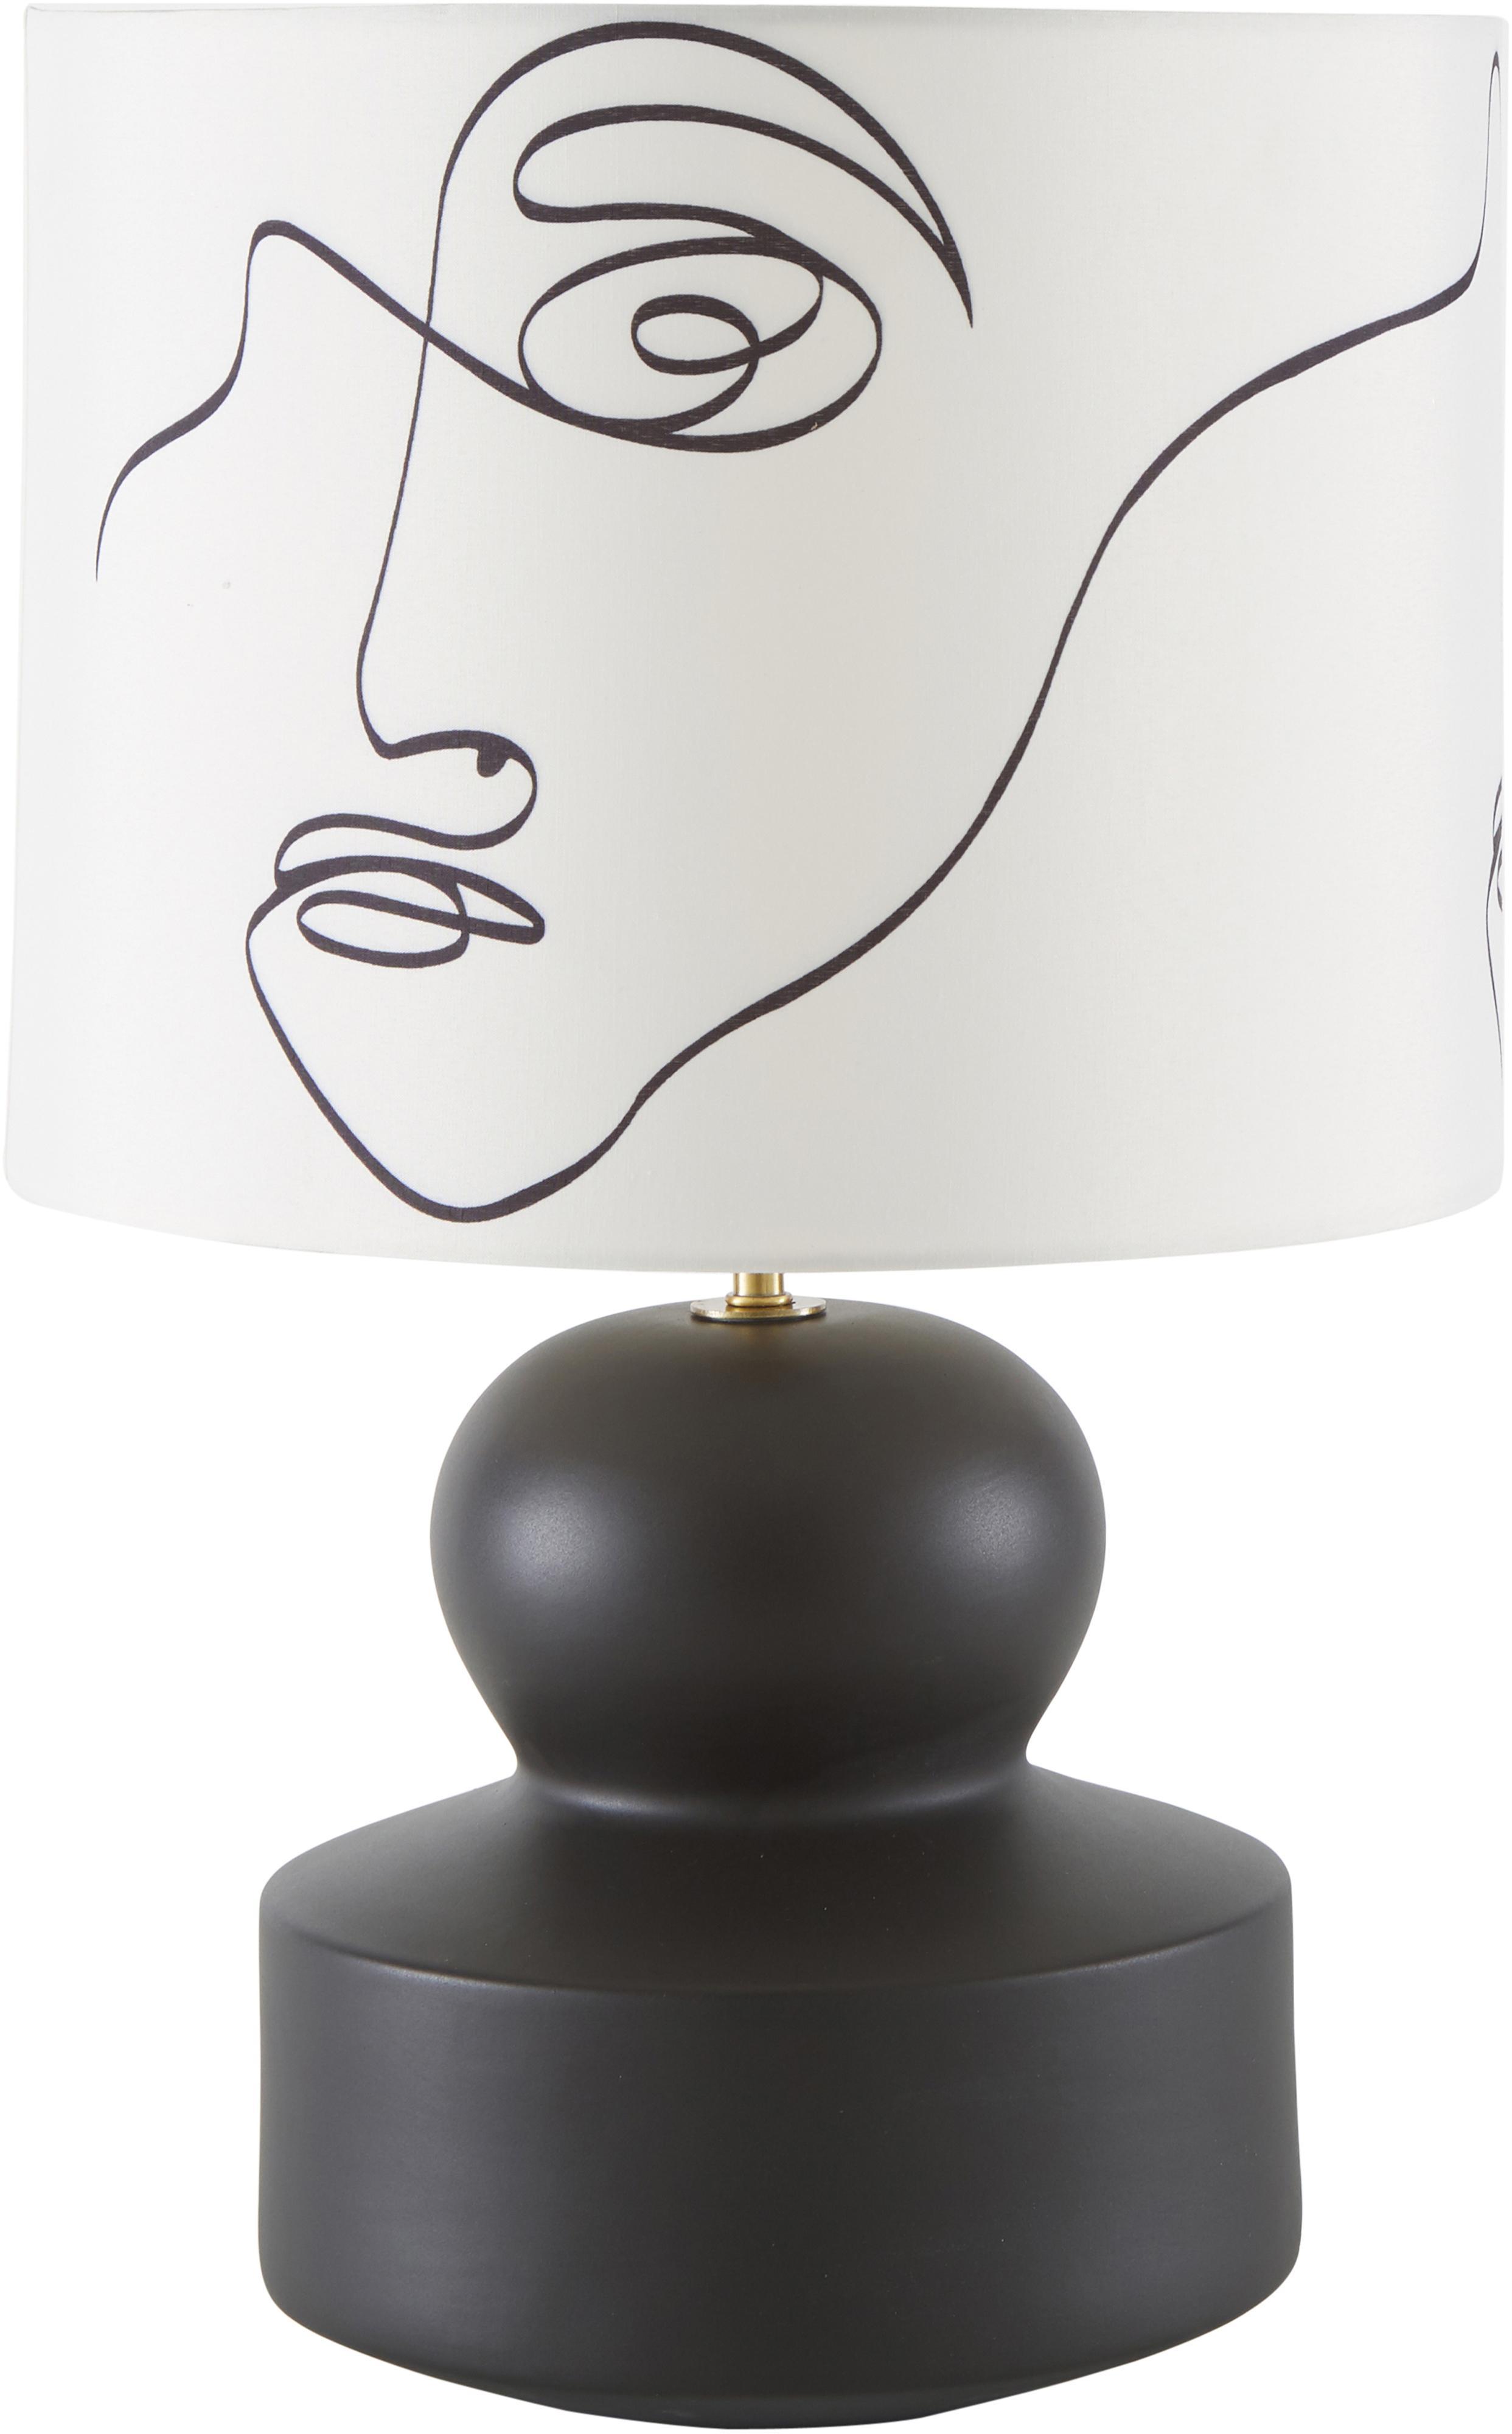 Lampada da tavolo in ceramica Georgina, Paralume: tessuto, Base della lampada: ceramica, Decorazione: metallo ottonato, Bianco crema, nero, Ø 33 x Alt. 52 cm